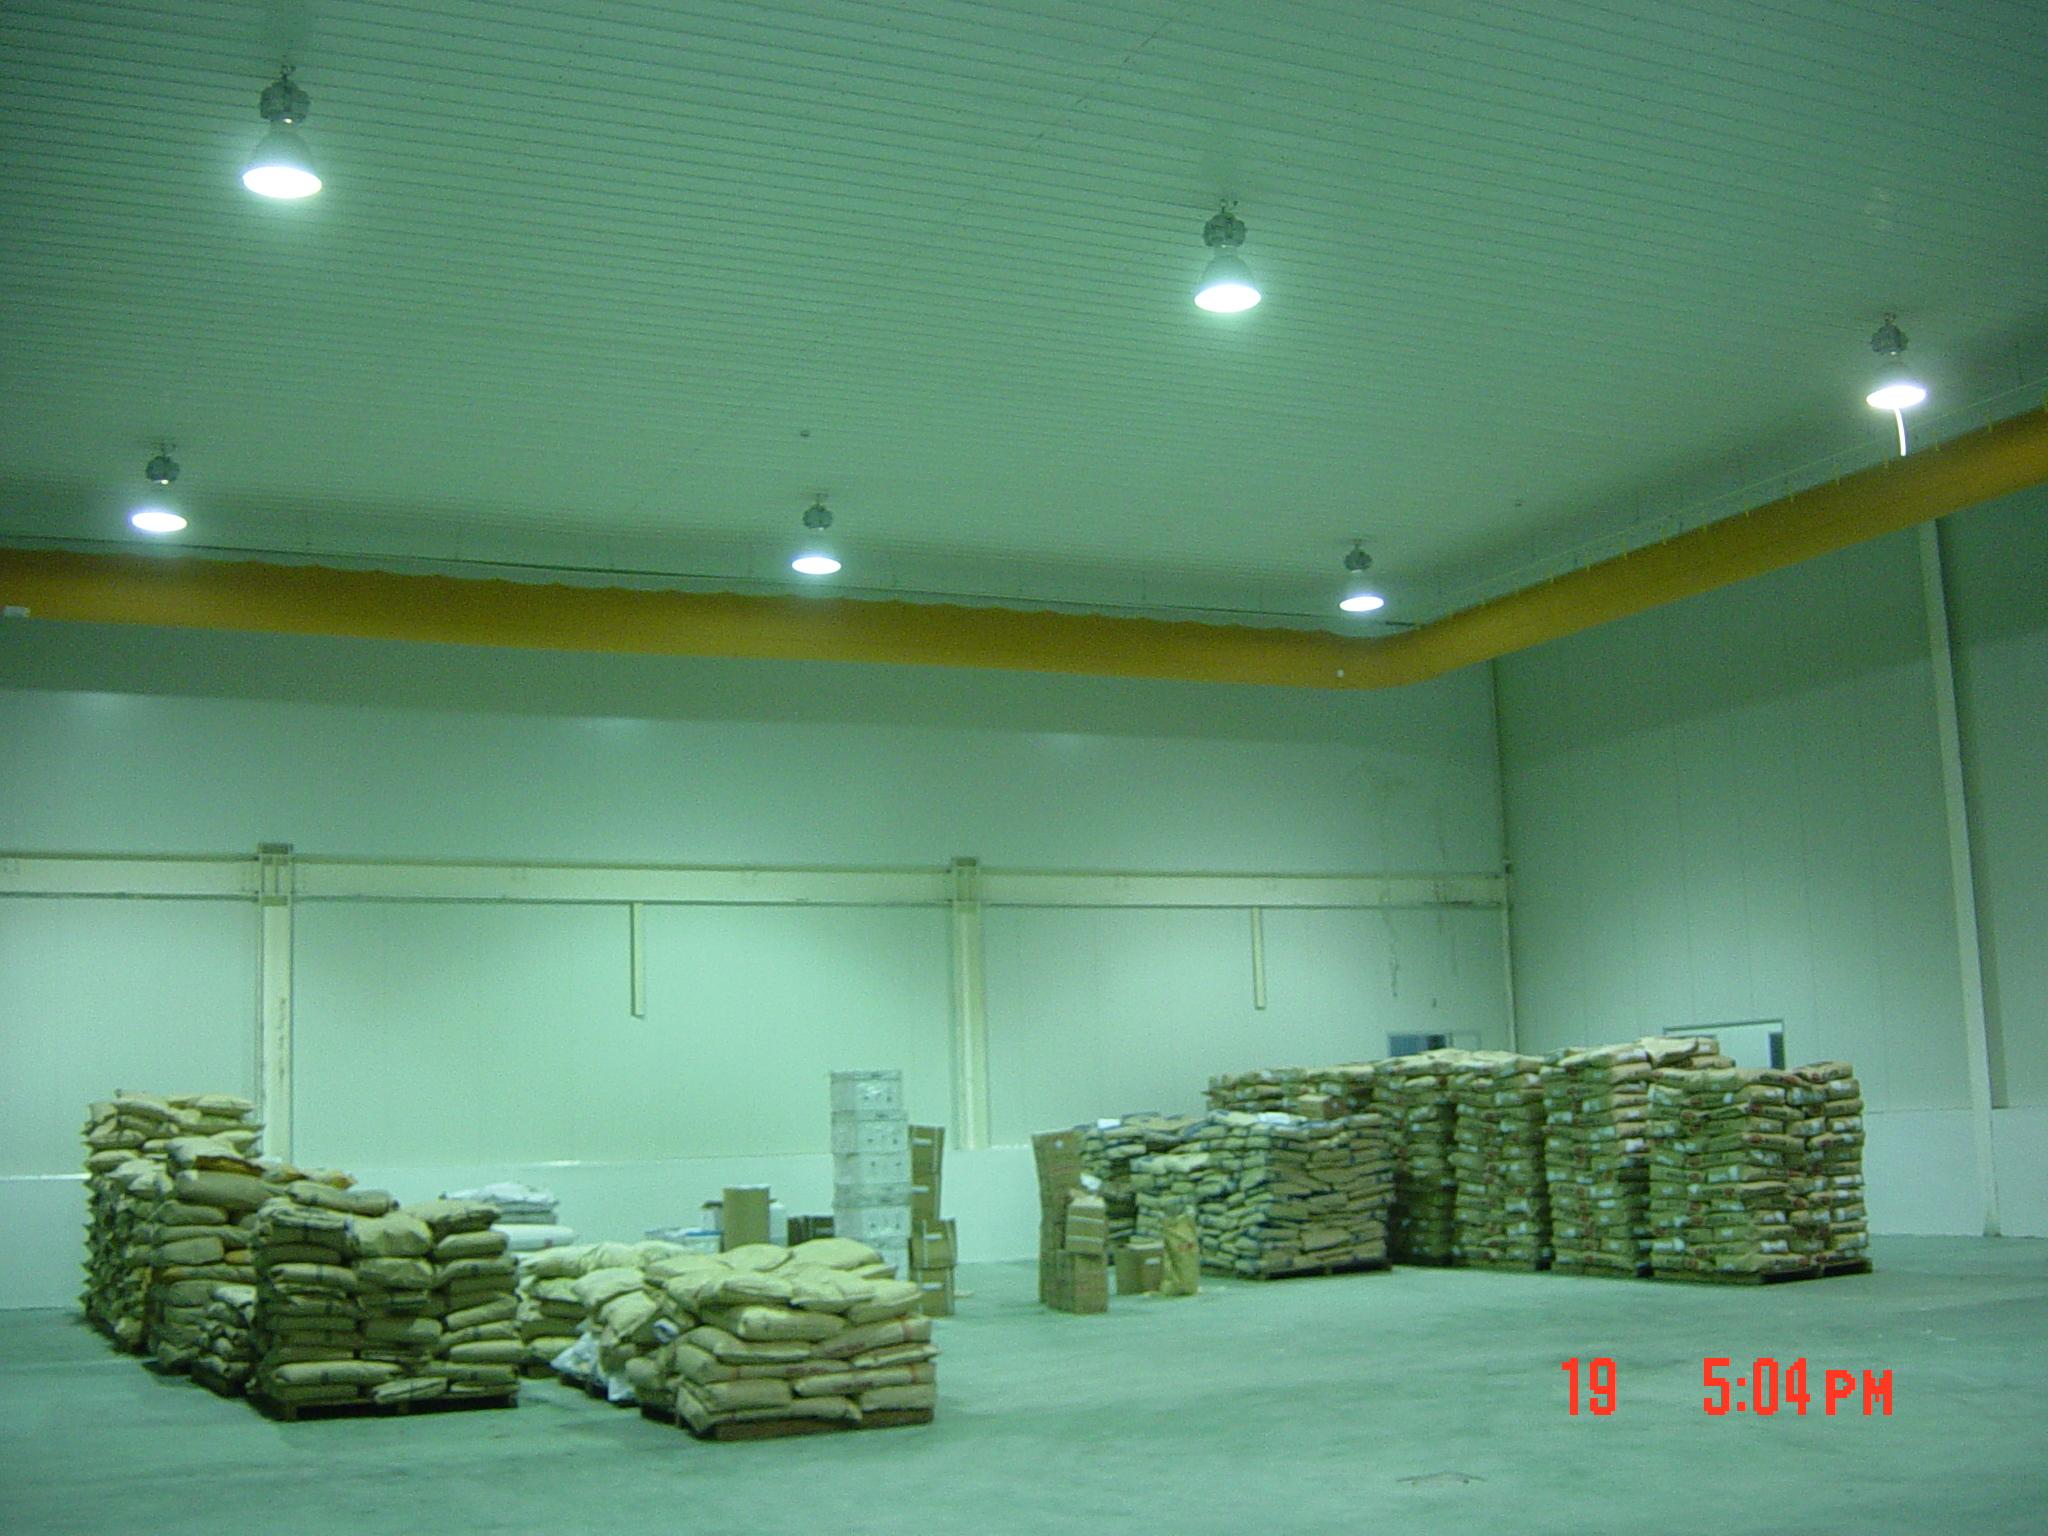 厂房暖通空调布风管图片/厂房暖通空调布风管样板图 (1)